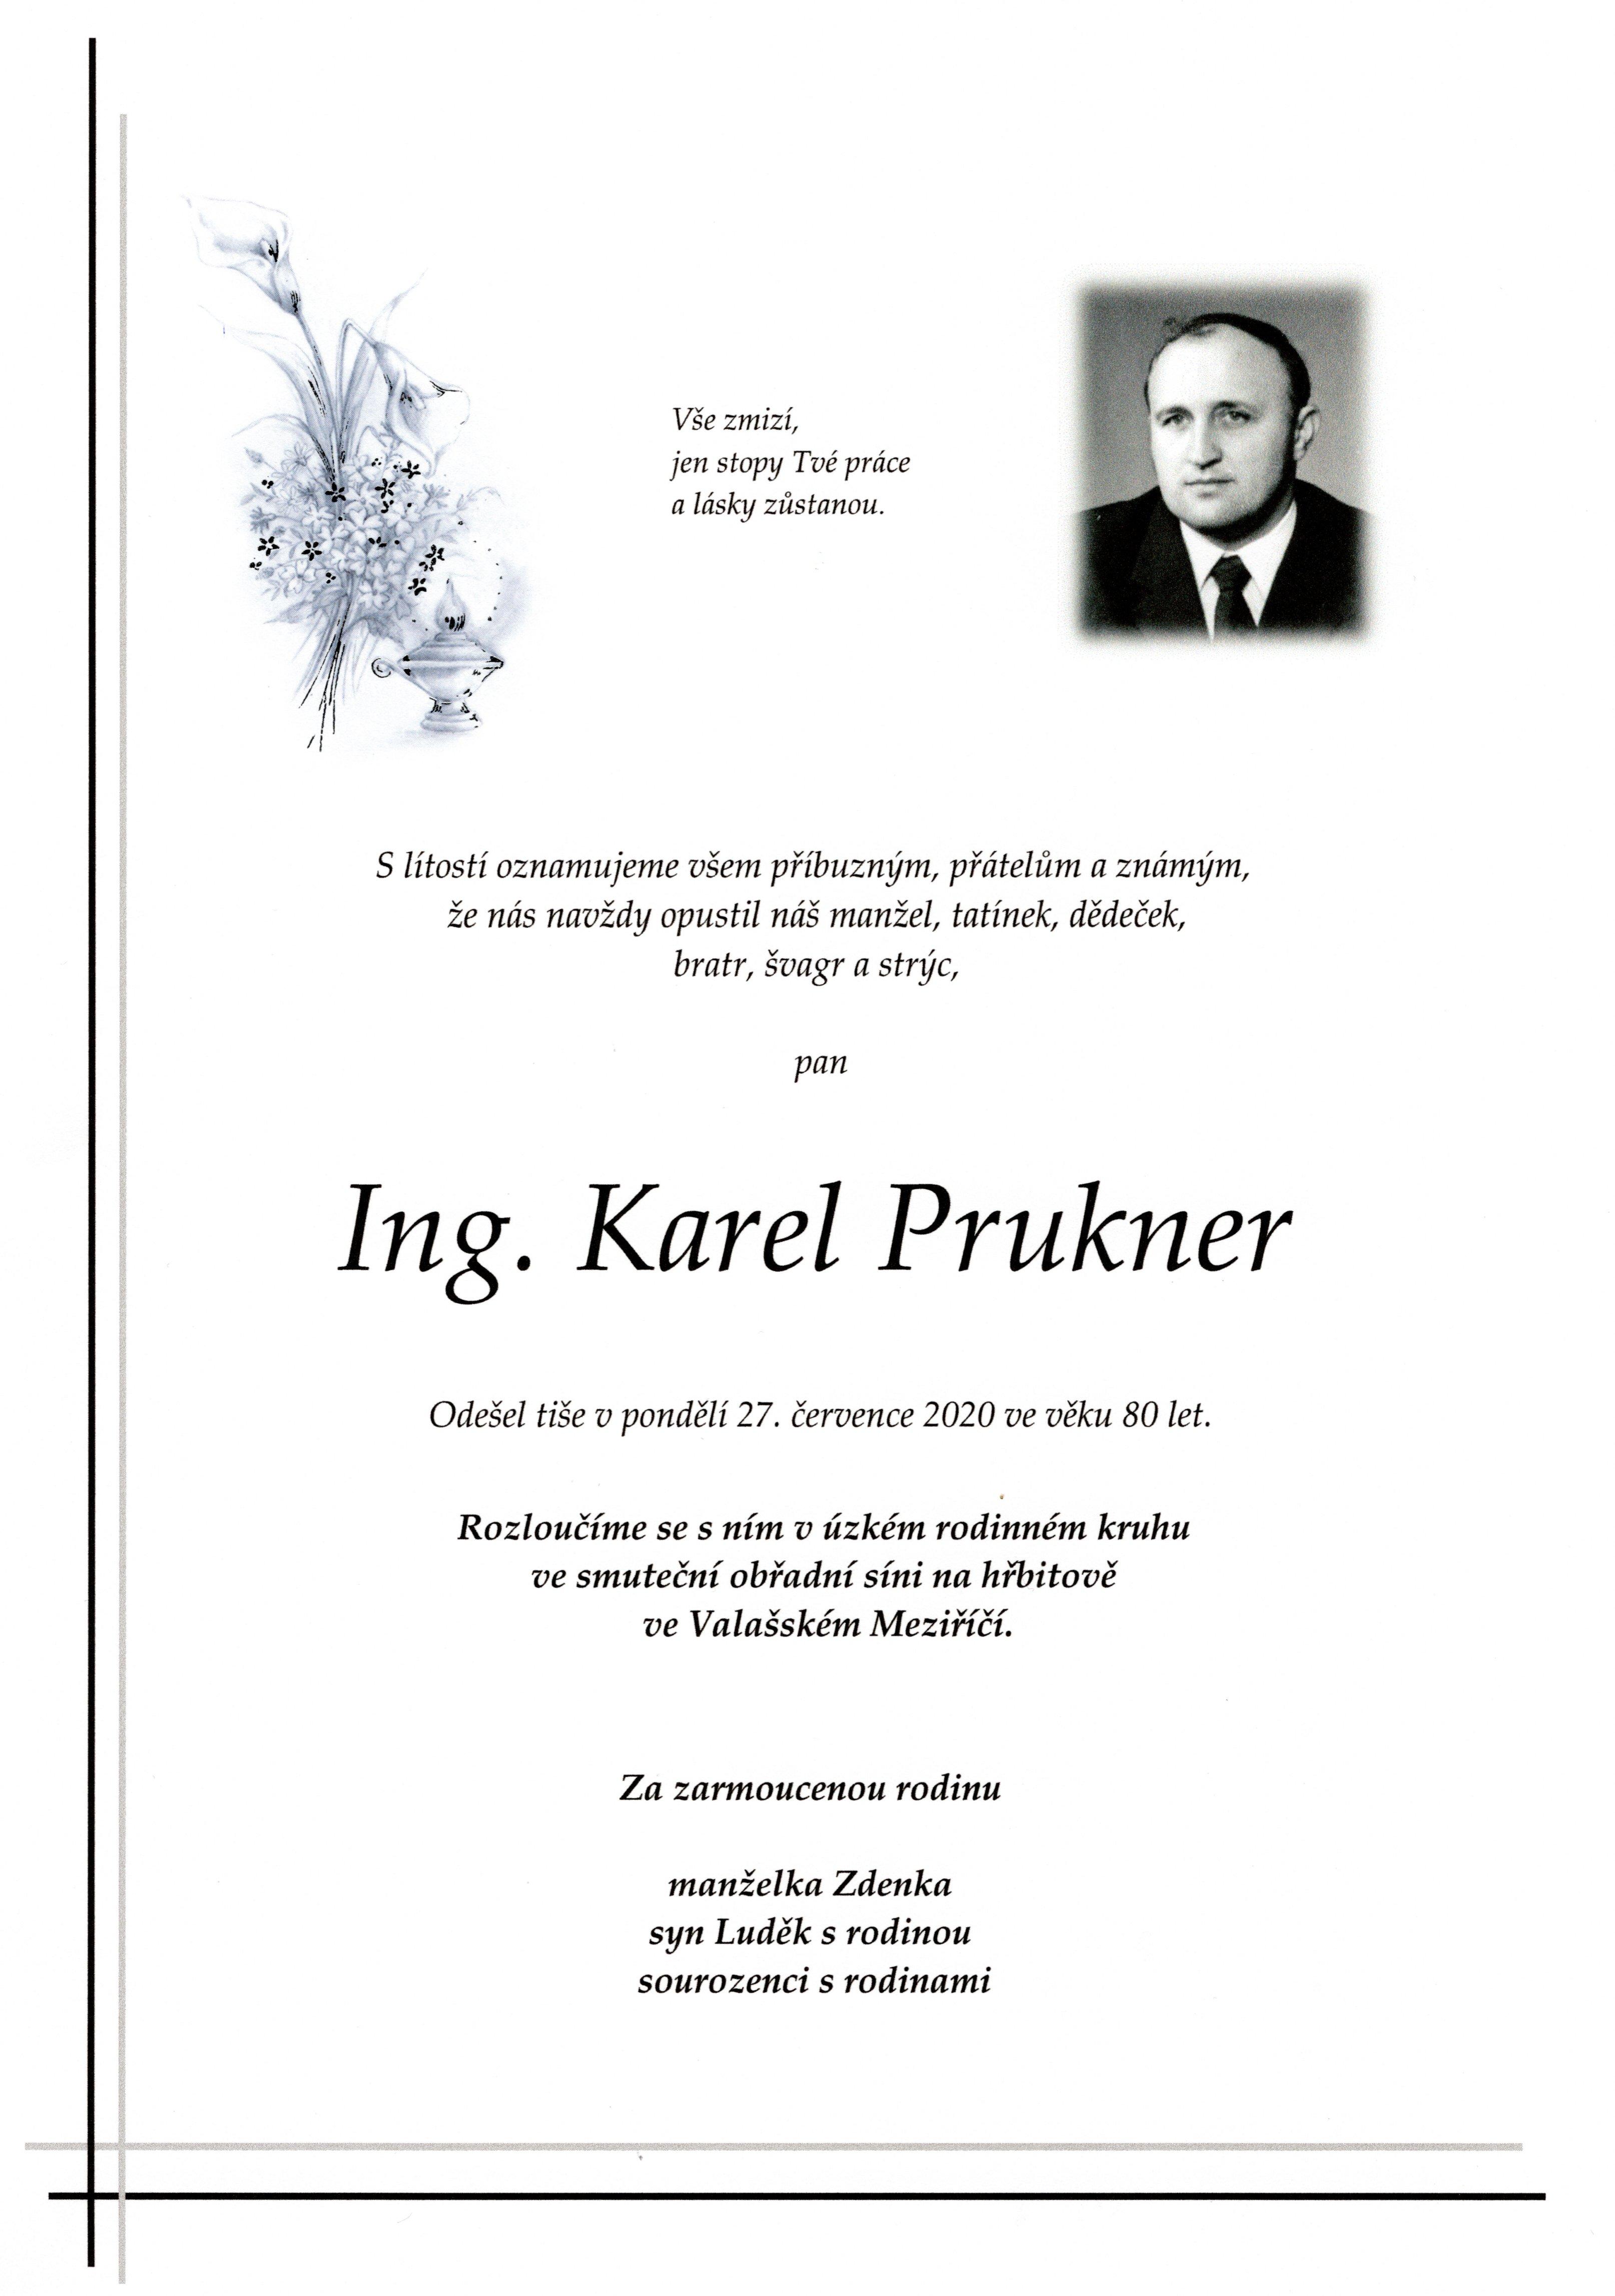 Ing. Karel Prukner